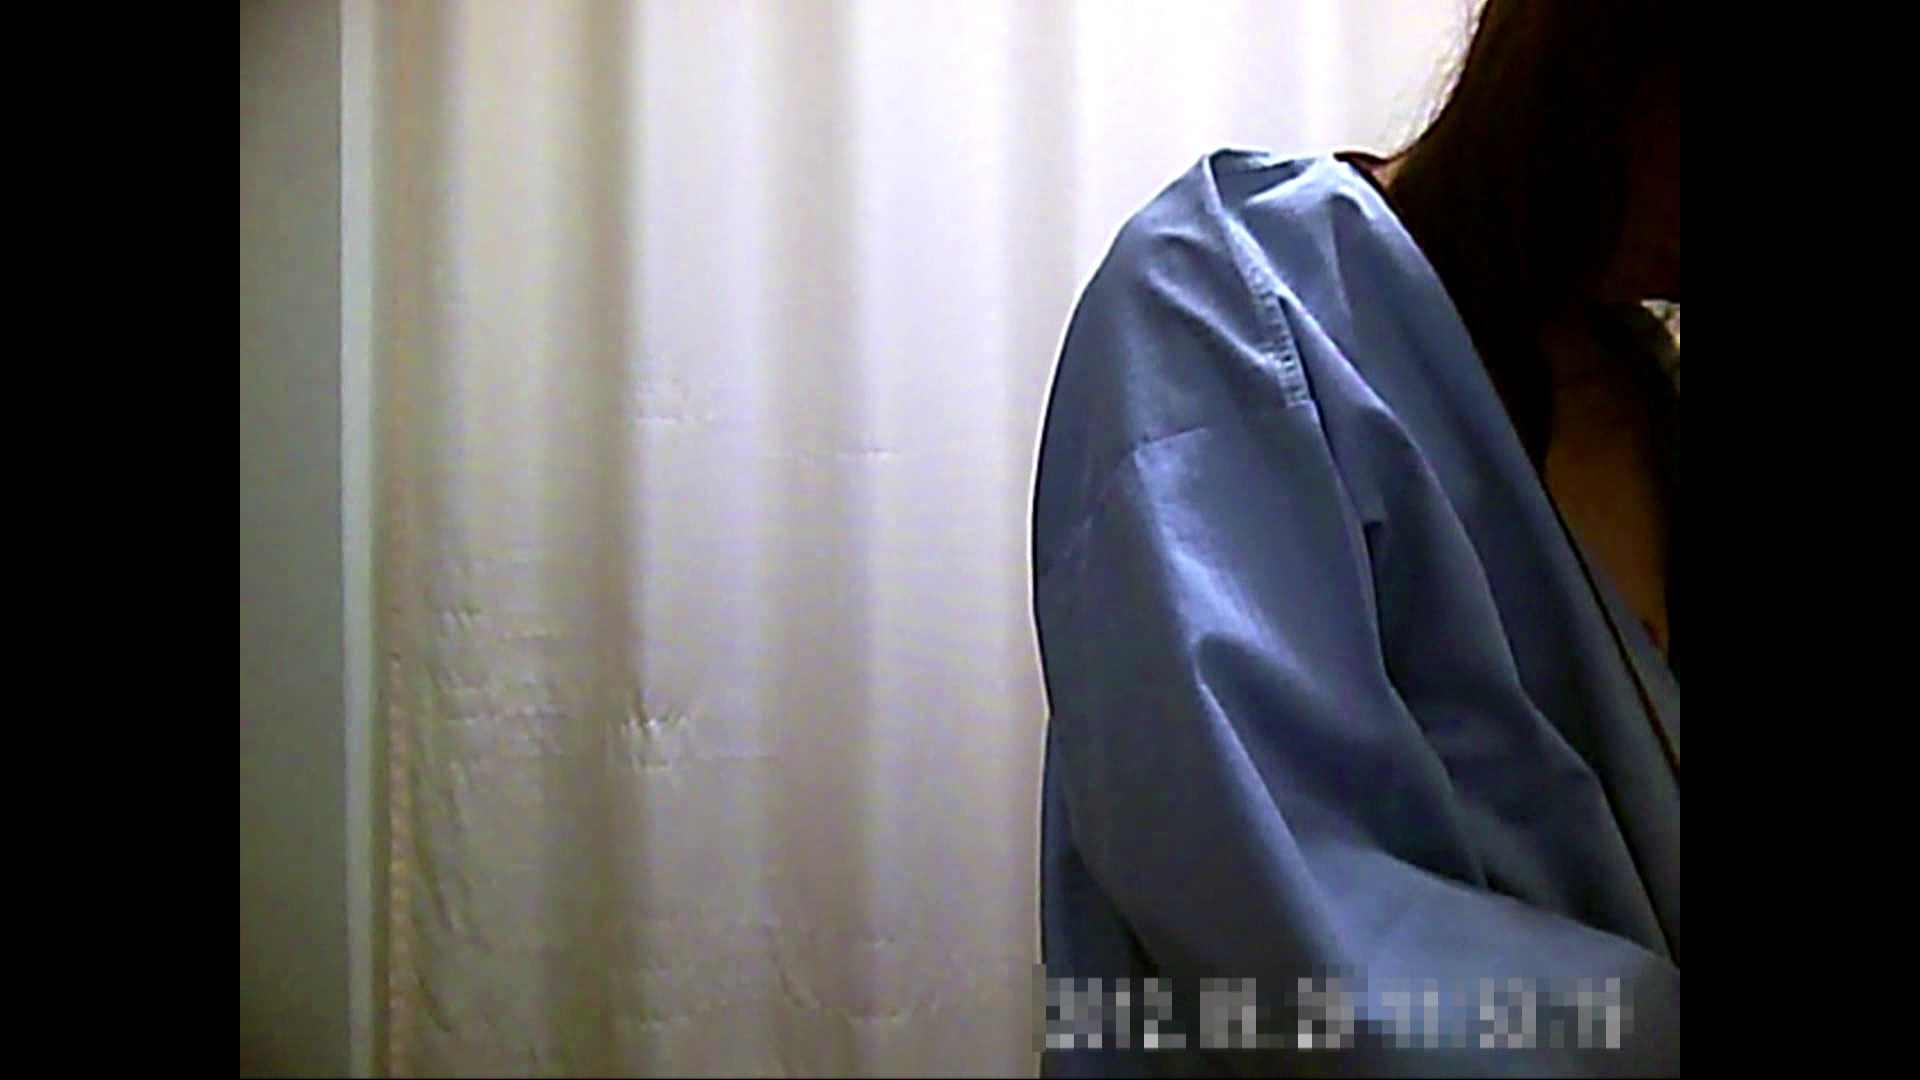 元医者による反抗 更衣室地獄絵巻 vol.072 OLの実態   0  89pic 89